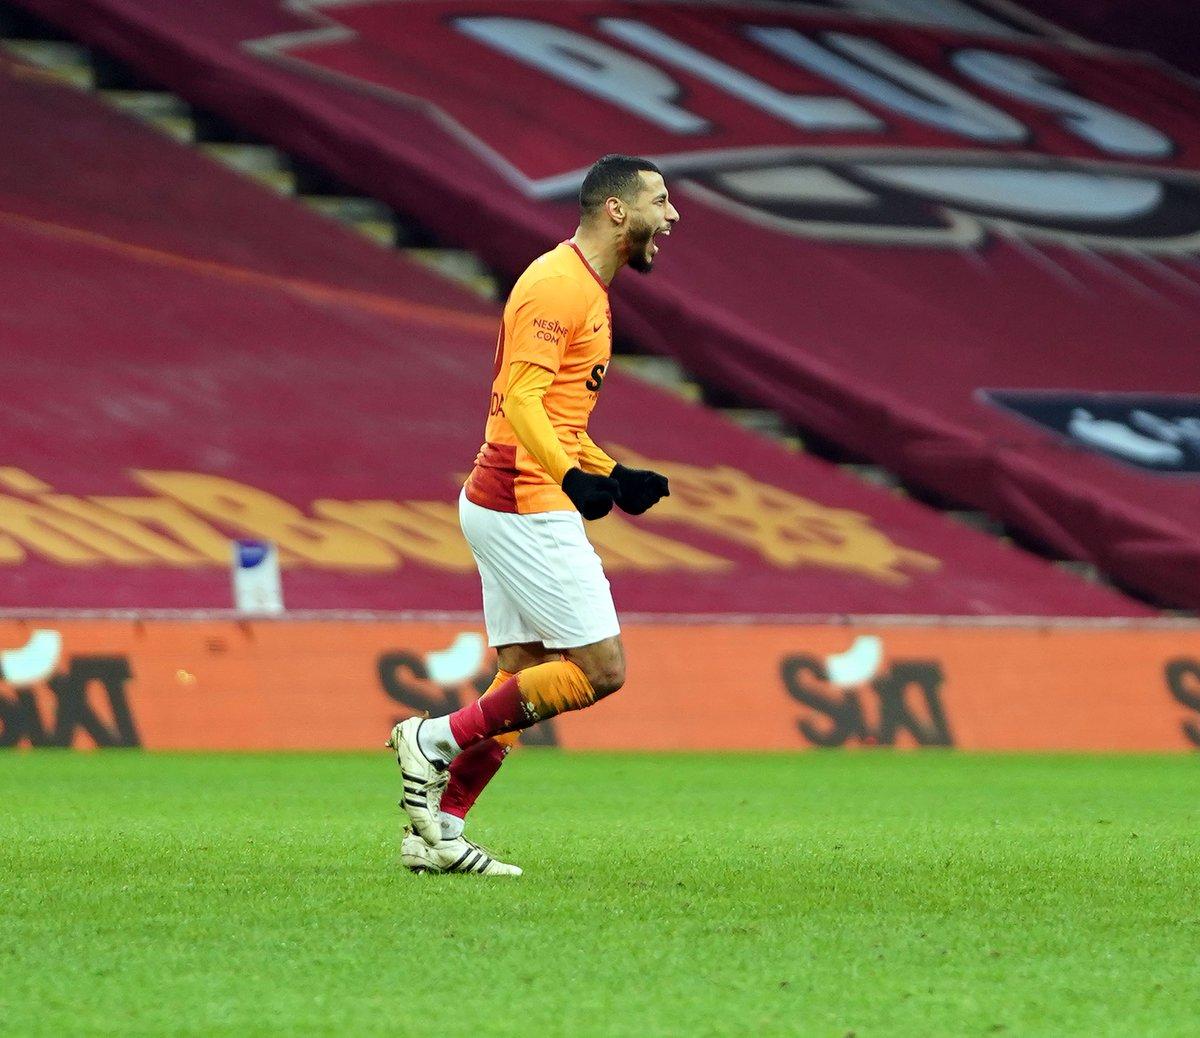 Galatasaray'ın Faslı futbolcusu Younes Belhanda, Denizlispor karşısında kaydettiği gol ile bu sezon Süper Lig'deki 6. golünü attı. Belhanda'nın Ziraat Türkiye Kupası ve UEFA Avrupa Ligi elemelerinden de 1'er golü bulunuyor. https://t.co/jZm6pUfH1B